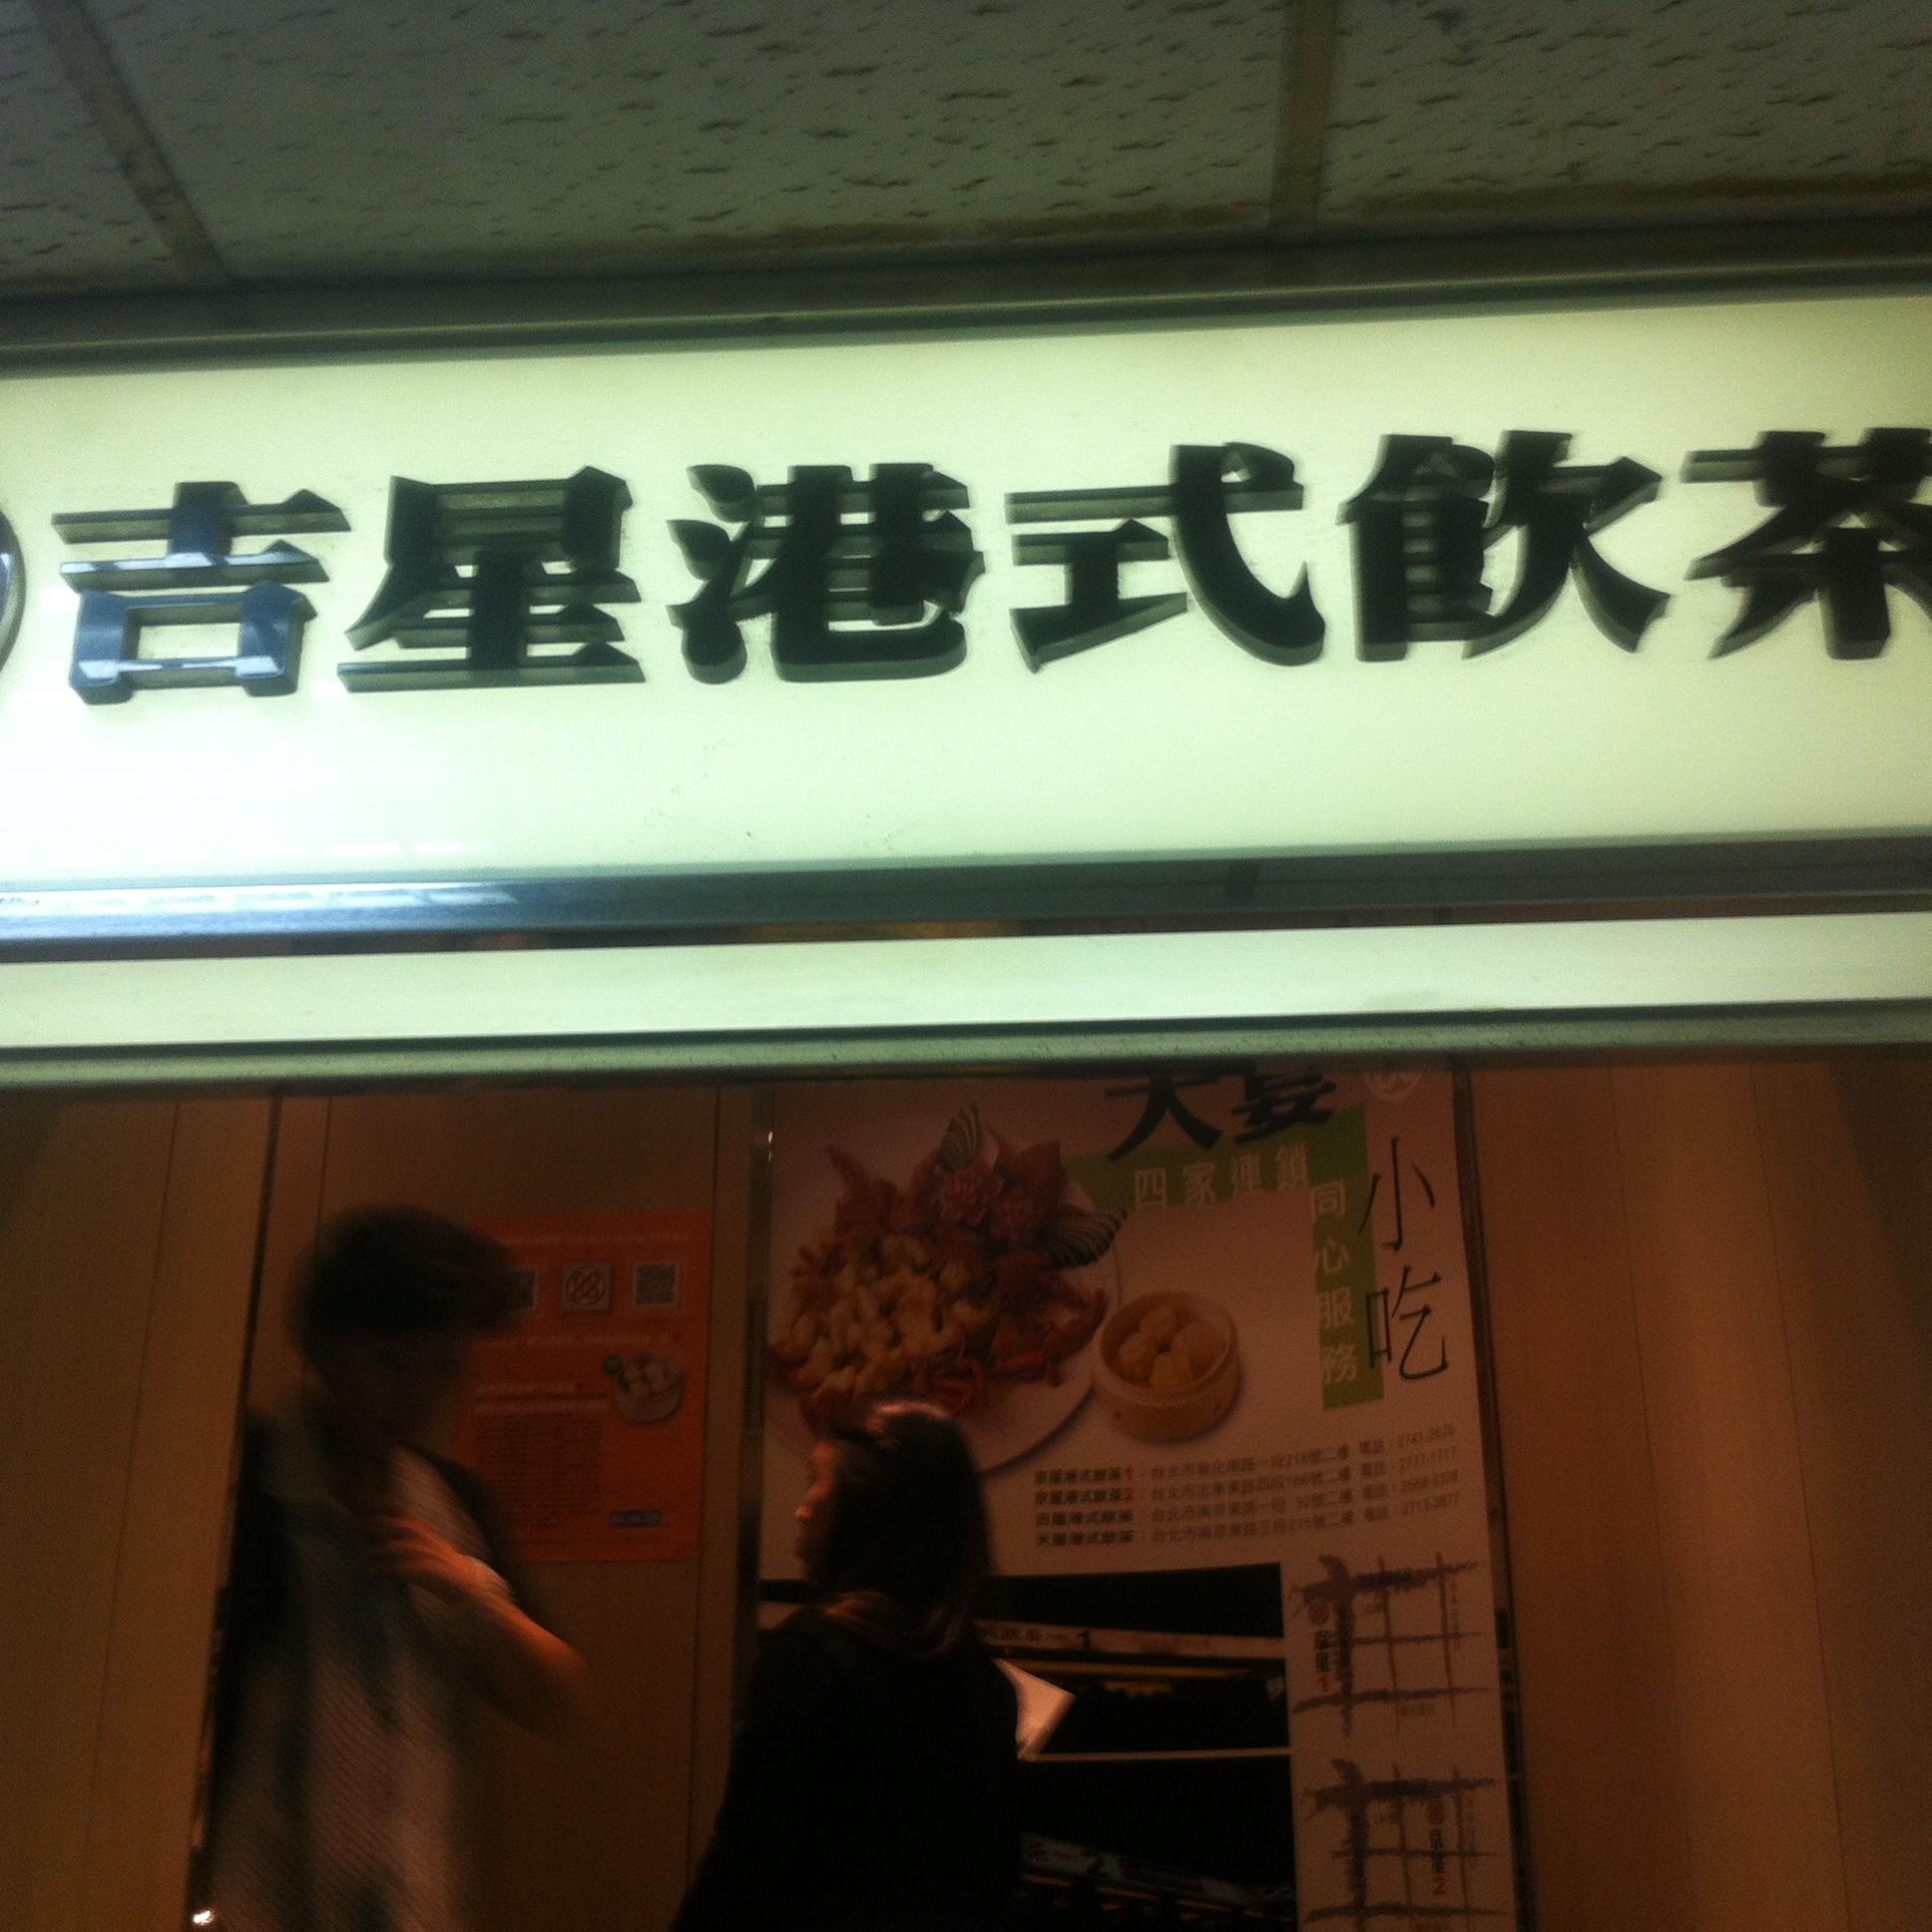 吉星港式飲茶は24時間あいてる飲茶の店!